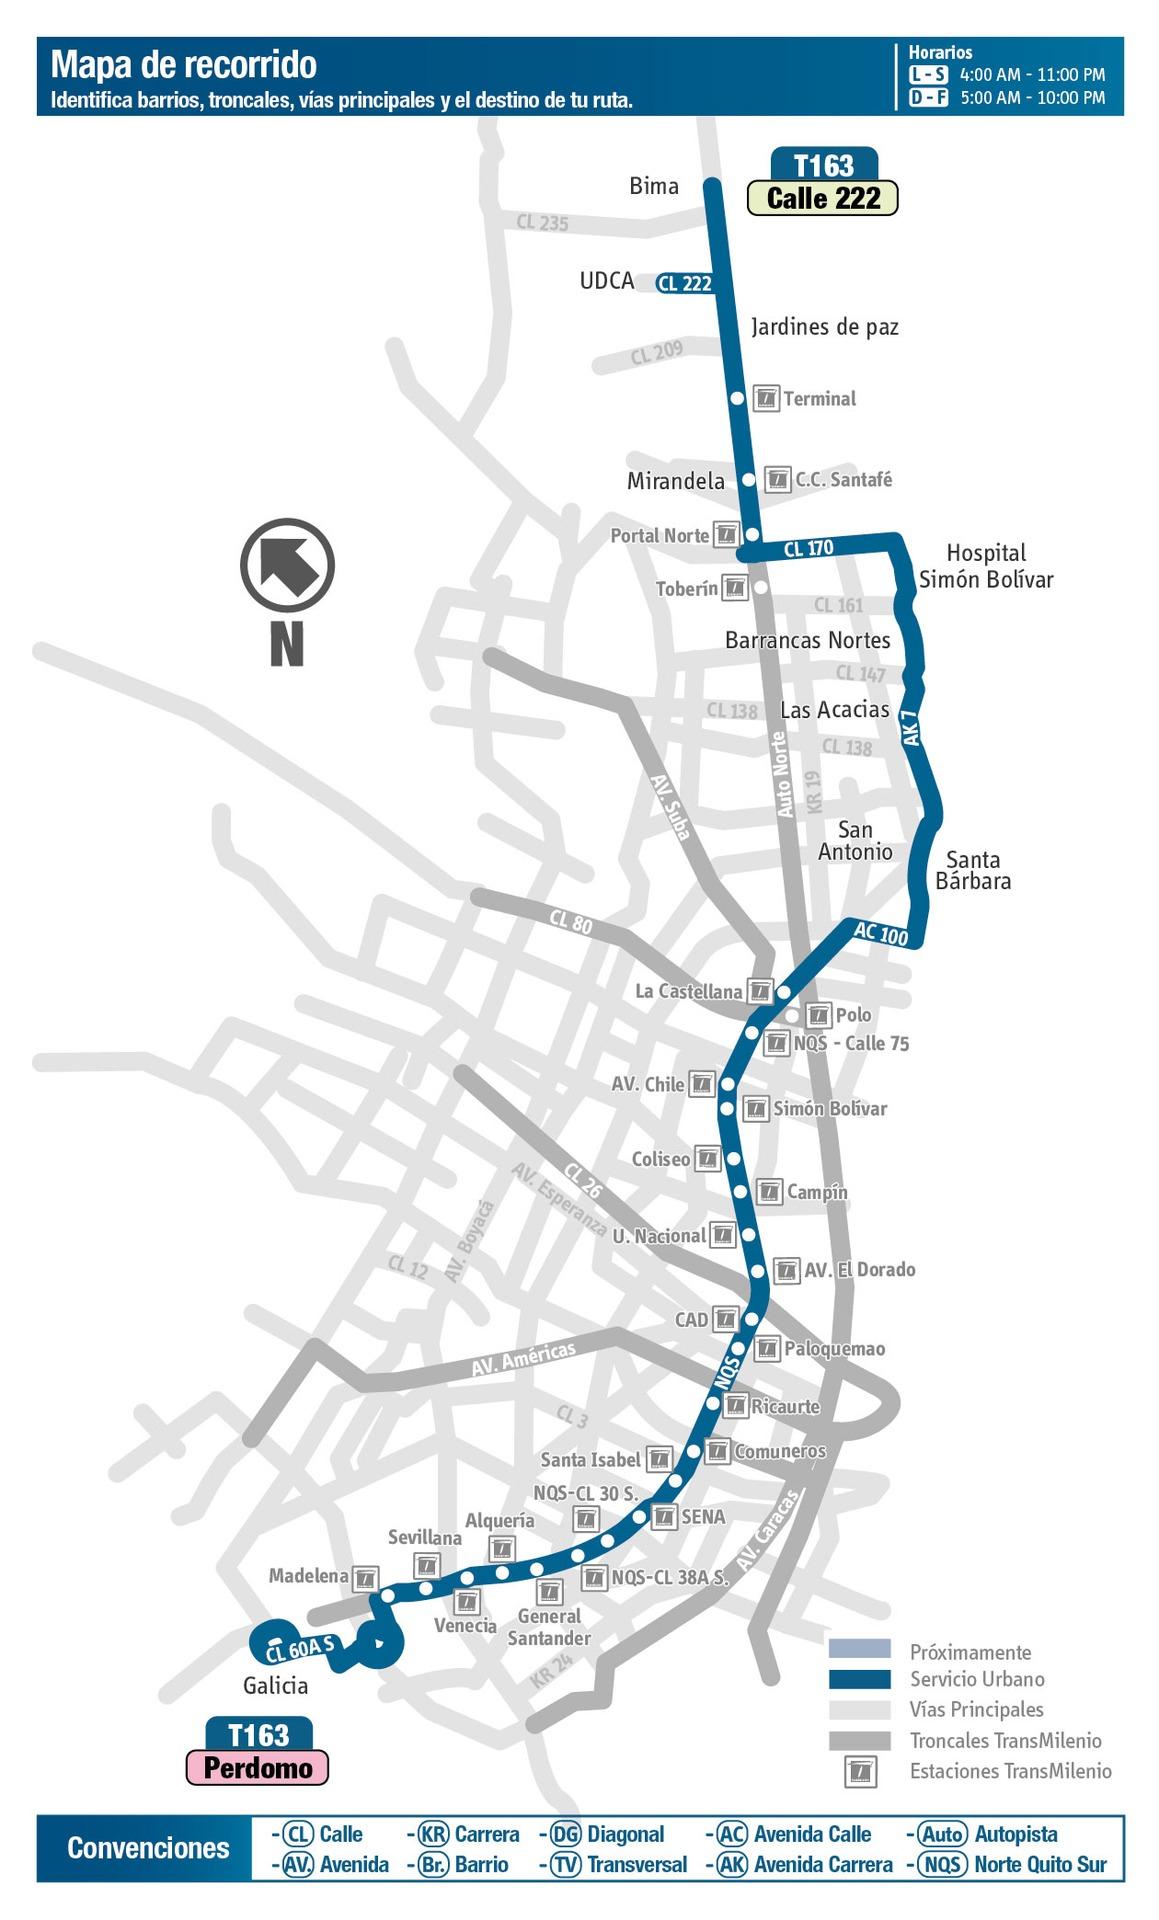 Ruta SITP: T163 Perdomo ↔ Calle 222 [Urbana] 4